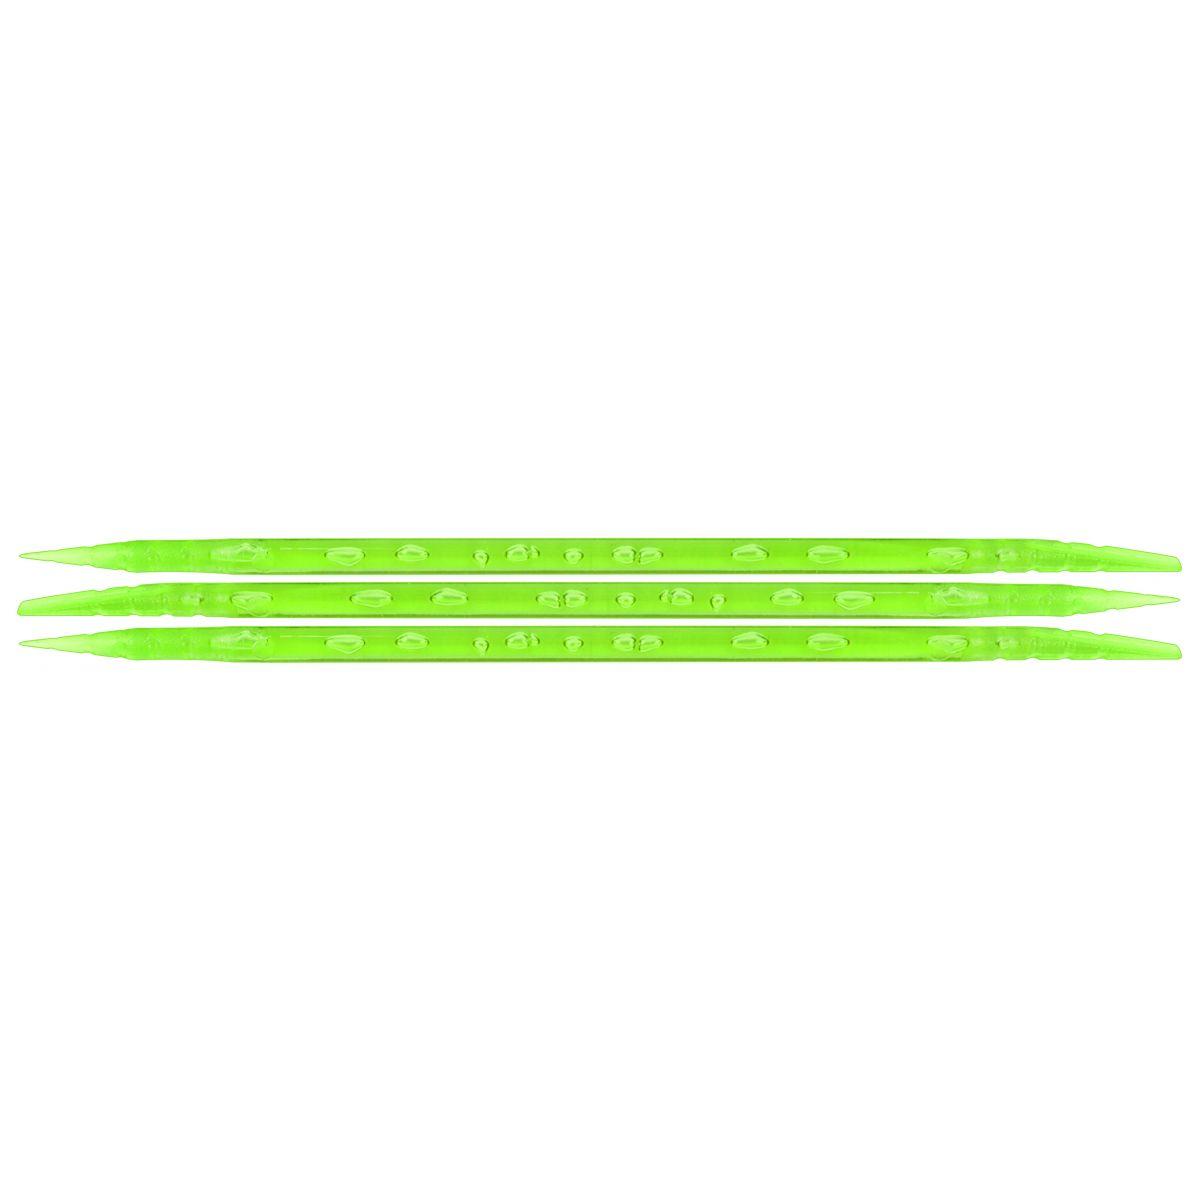 Palito Plástico Verde Para Manicure Descartável 100 Unidades